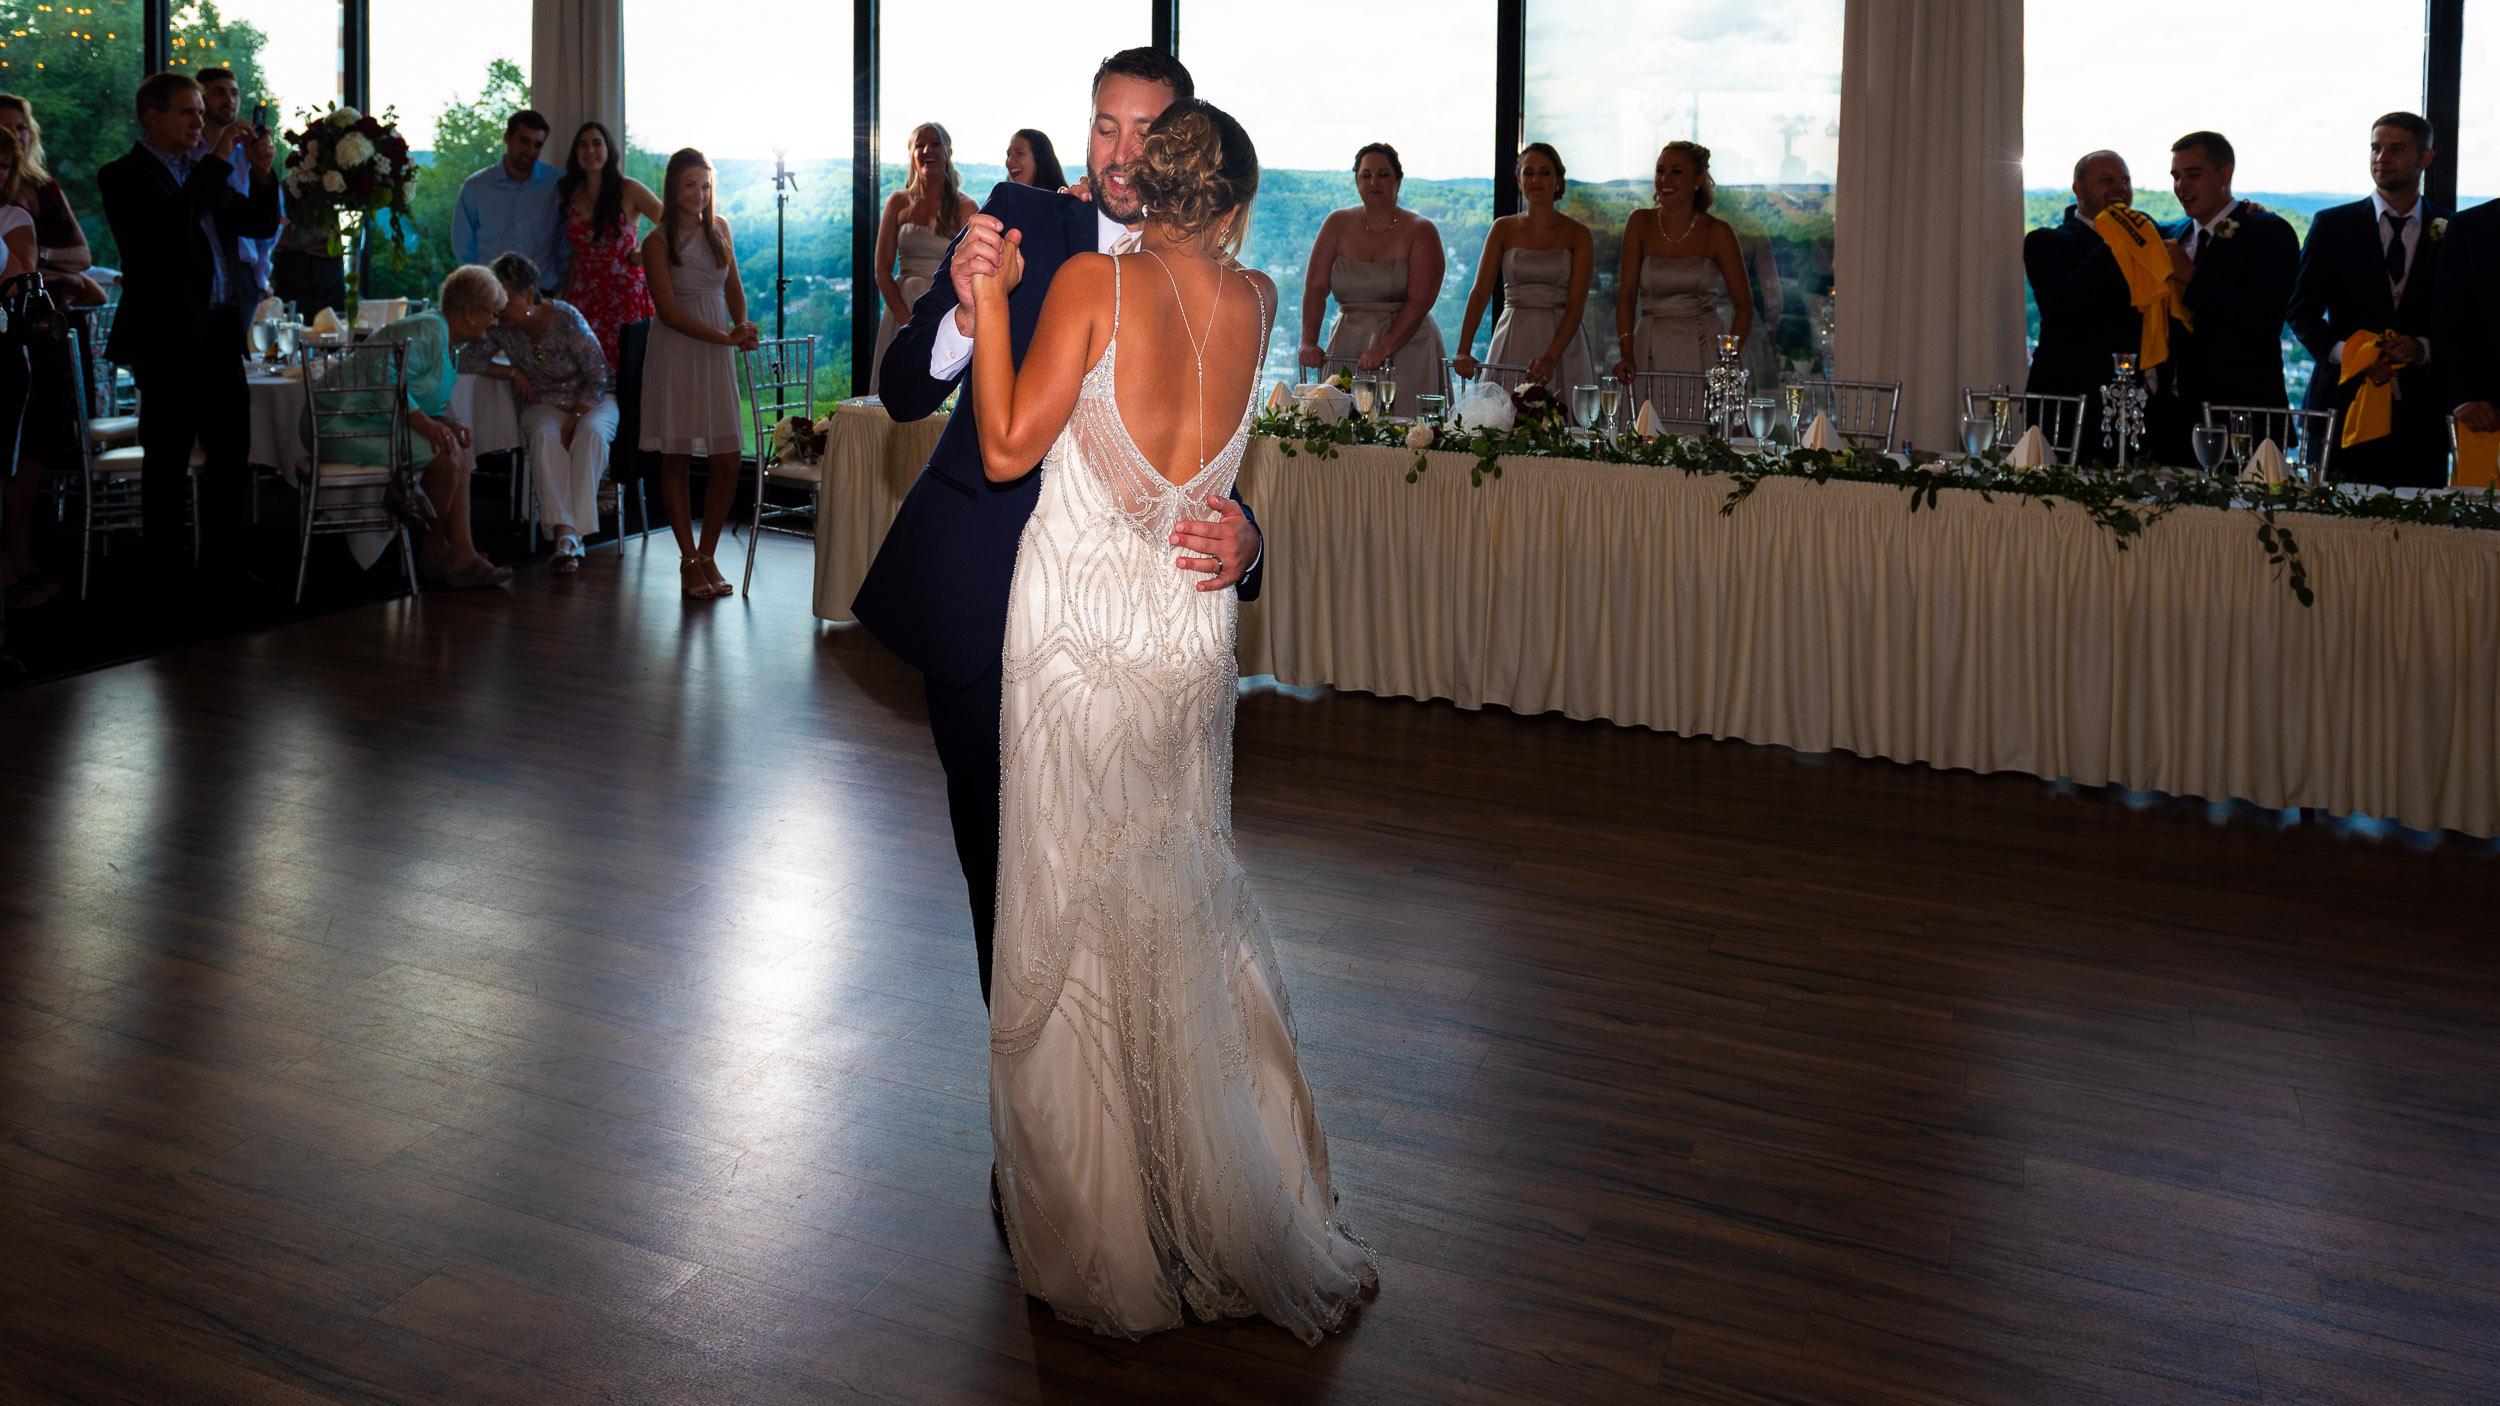 Bride-and-Groom-Dancing-at-Wedding-3.jpg